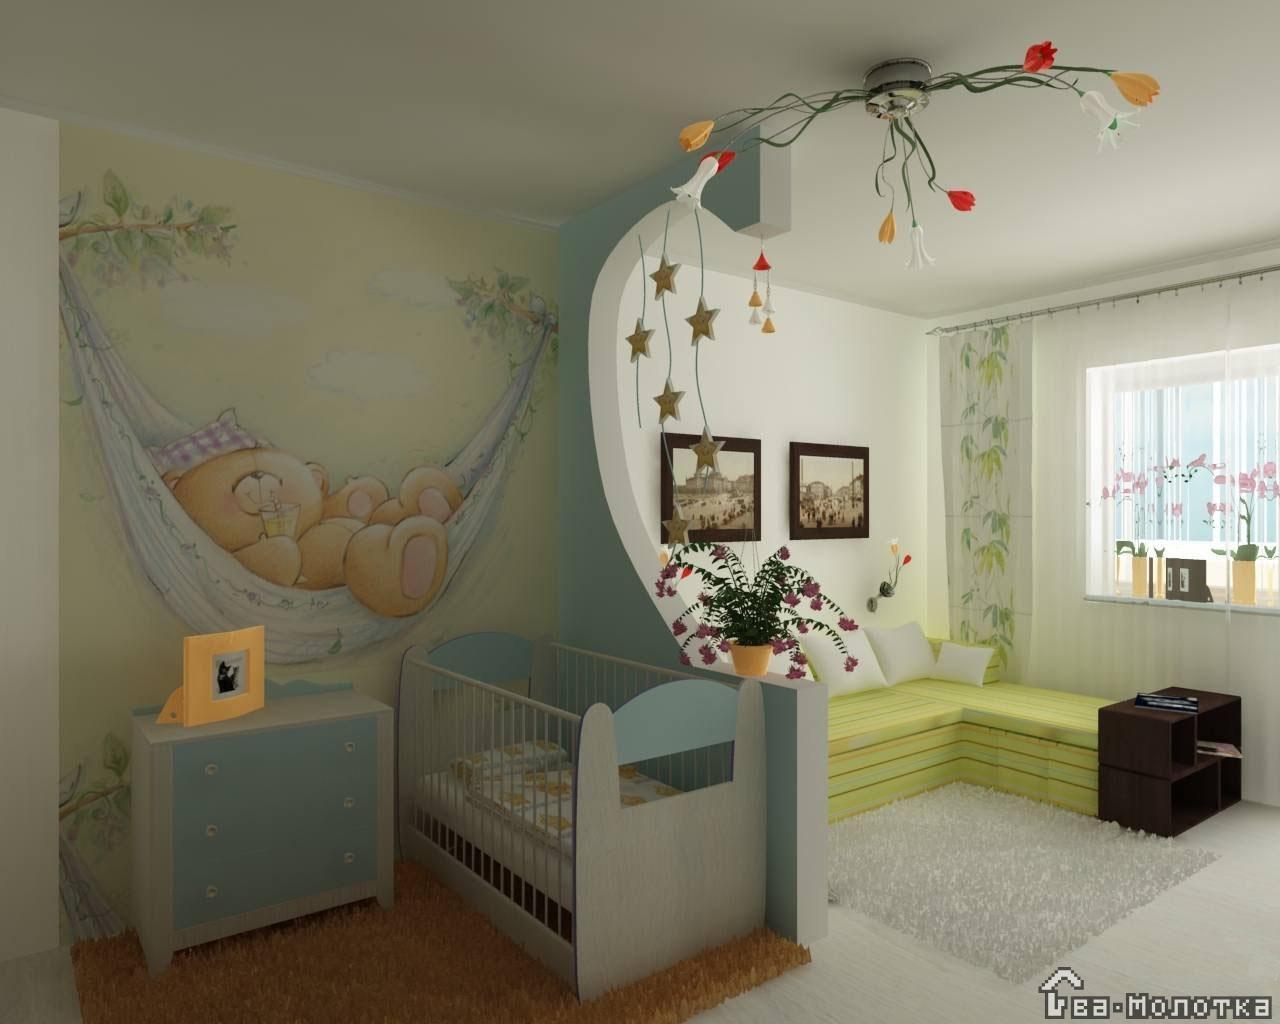 """Дизайн однокомнатной квартиры своими руками фото """" Картинки и фотографии дизайна квартир, домов, коттеджей"""